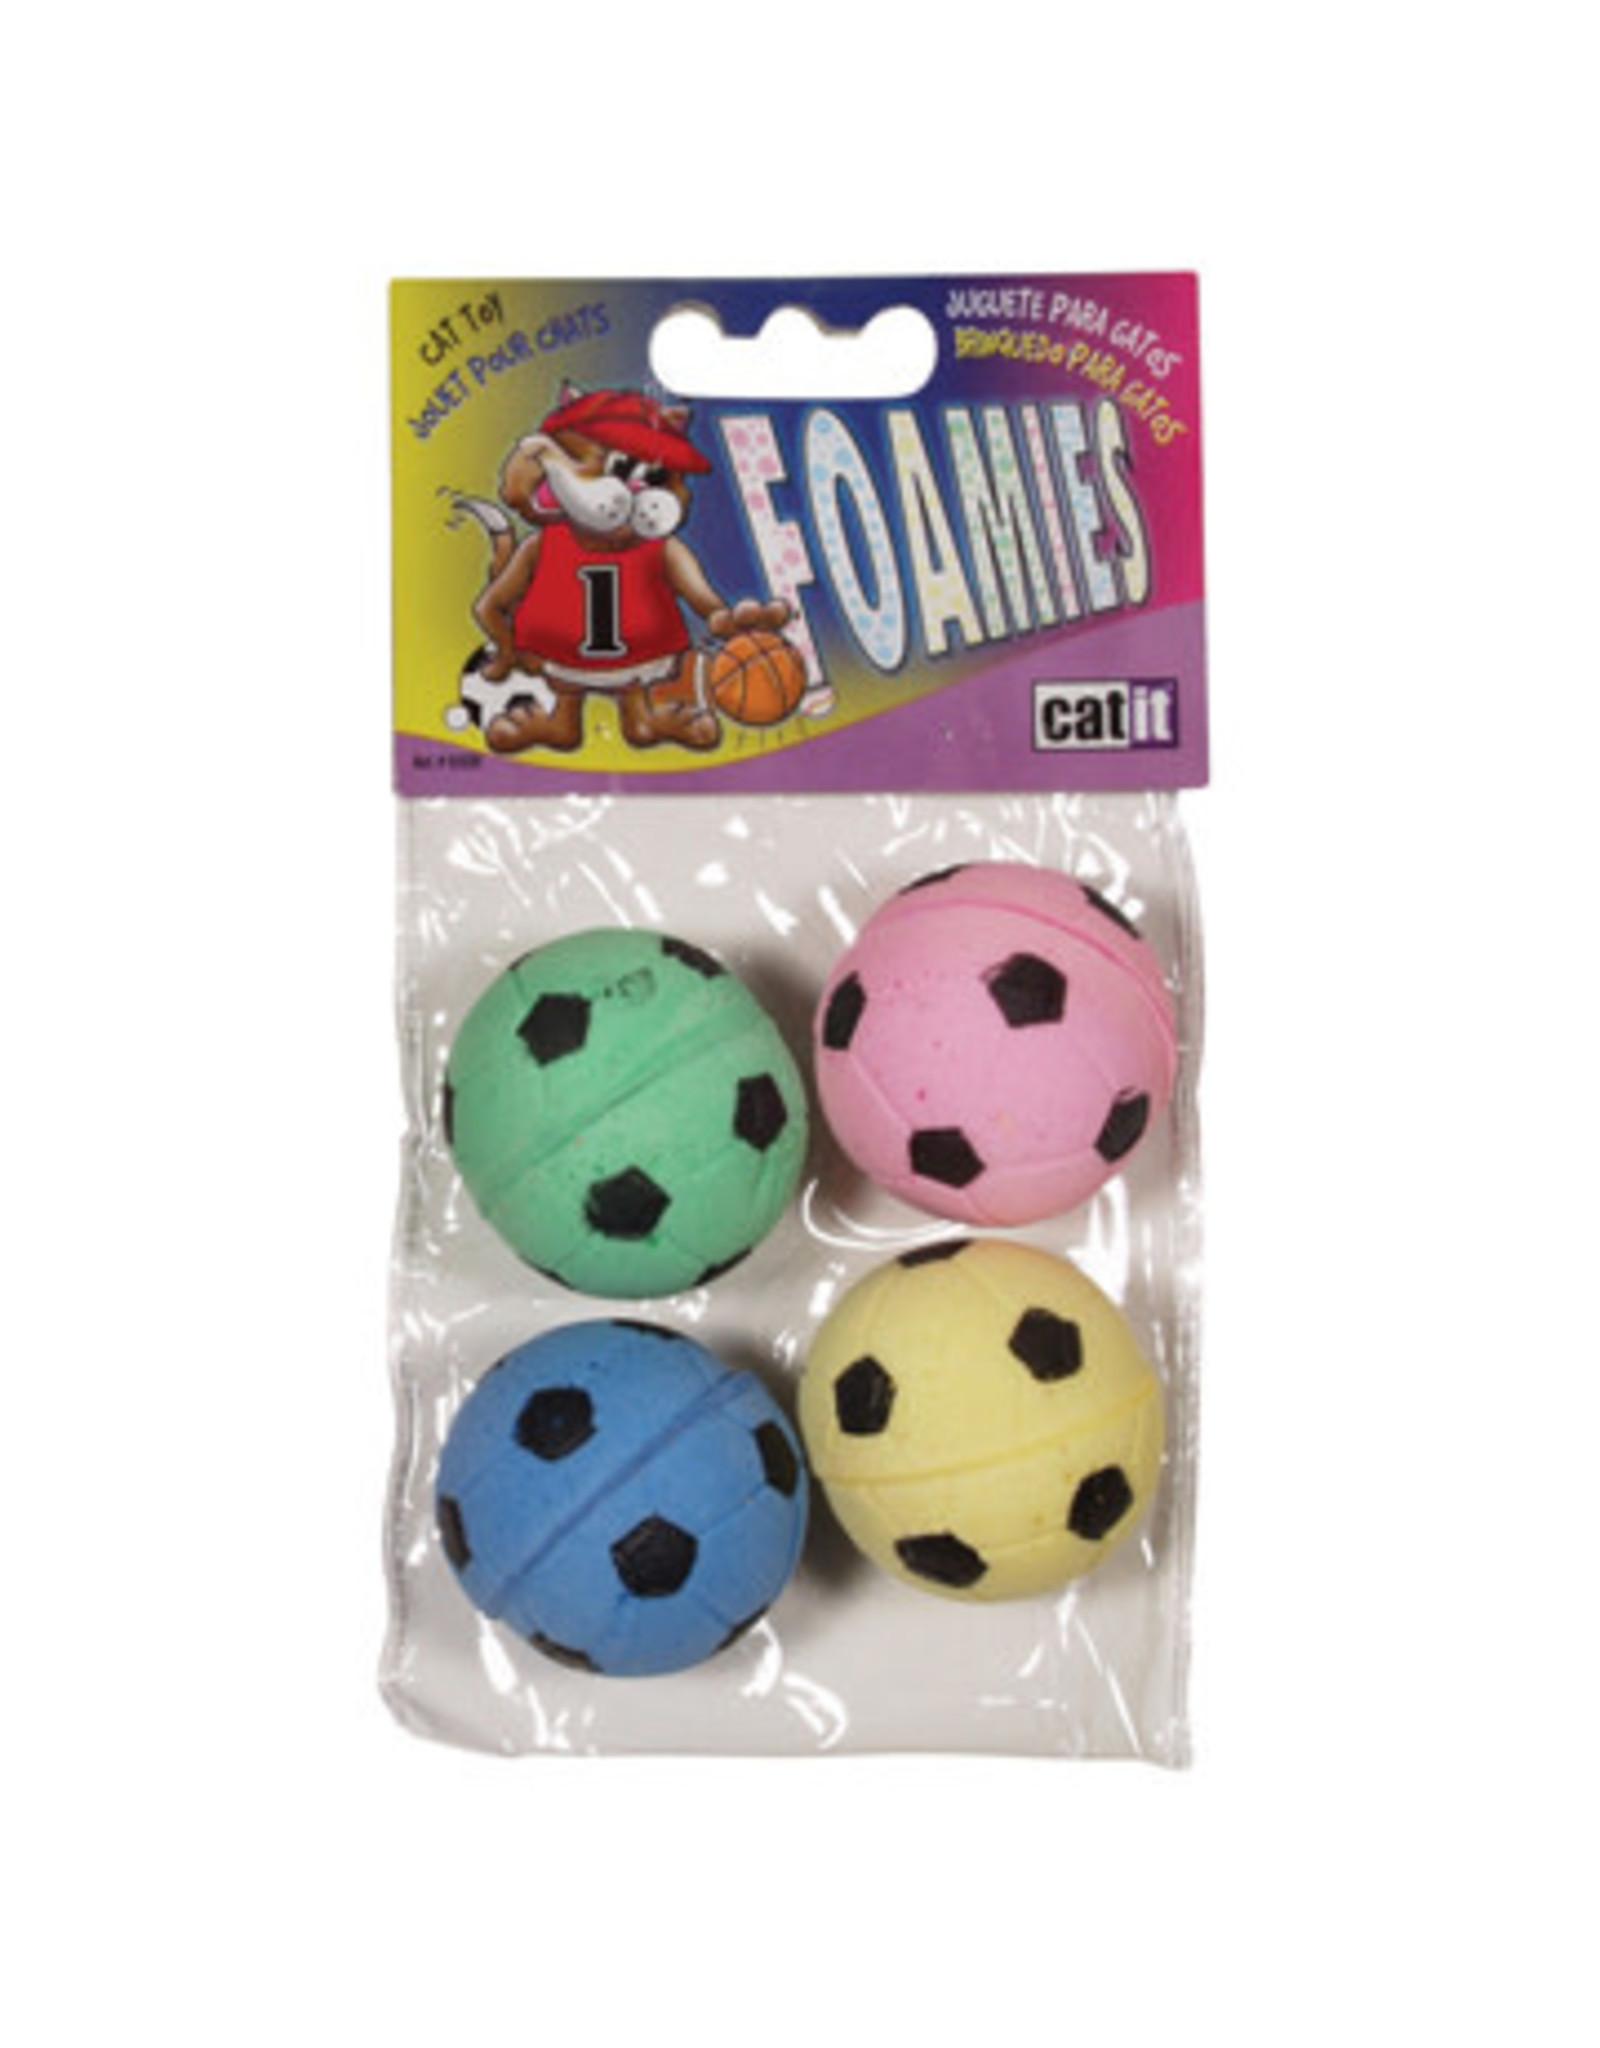 CatIt Foamies Sponge Soccer Balls 4 Pack